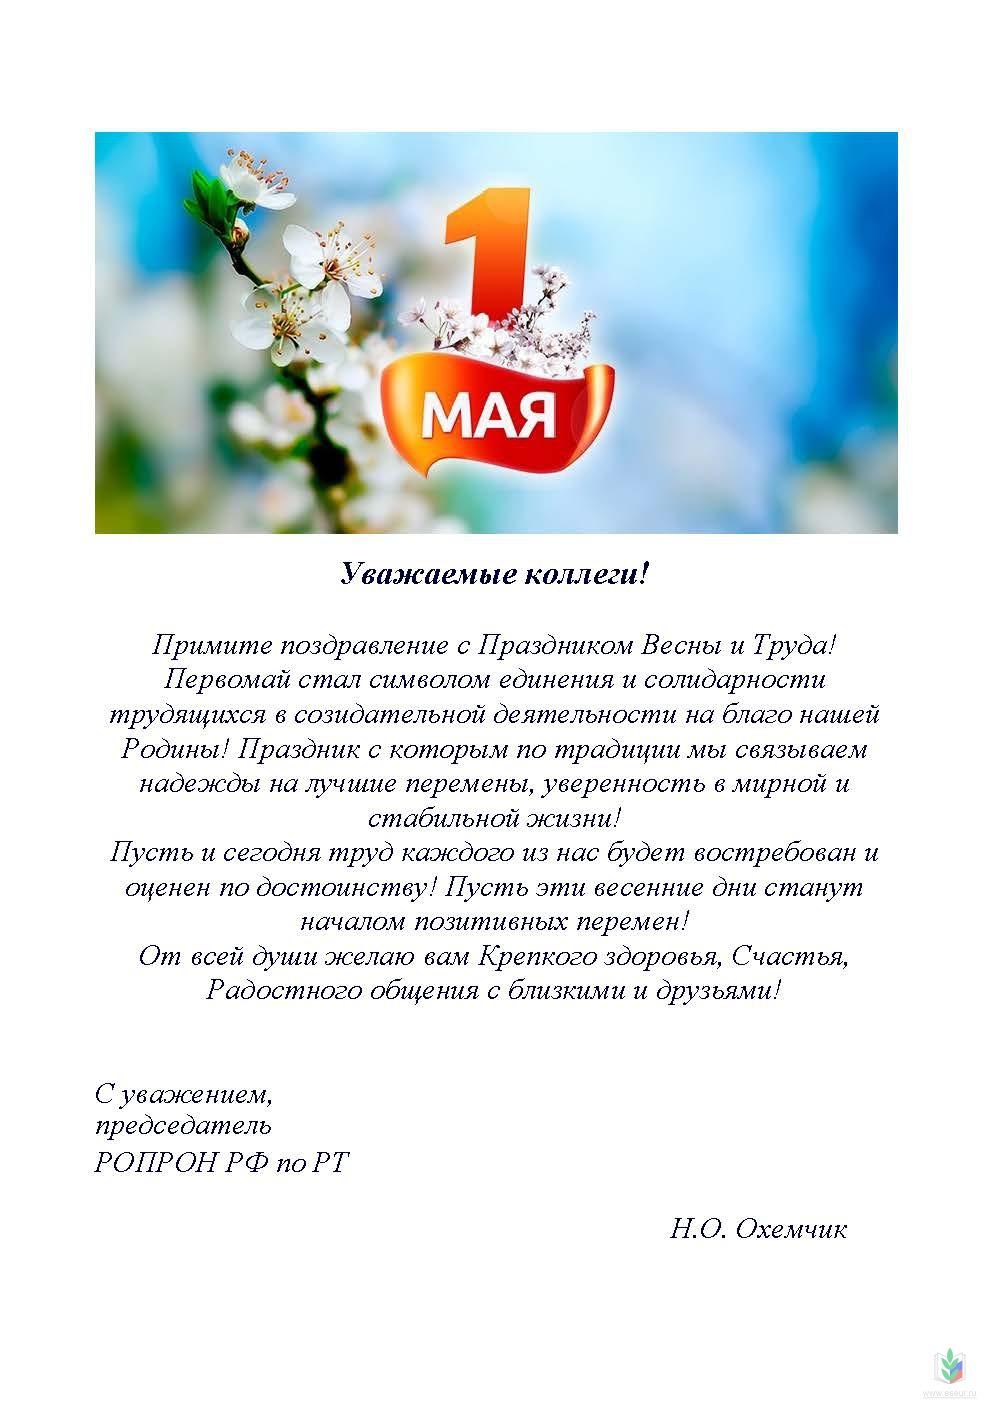 Лучшие смс поздравления с 1 мая: прикольные в стихах